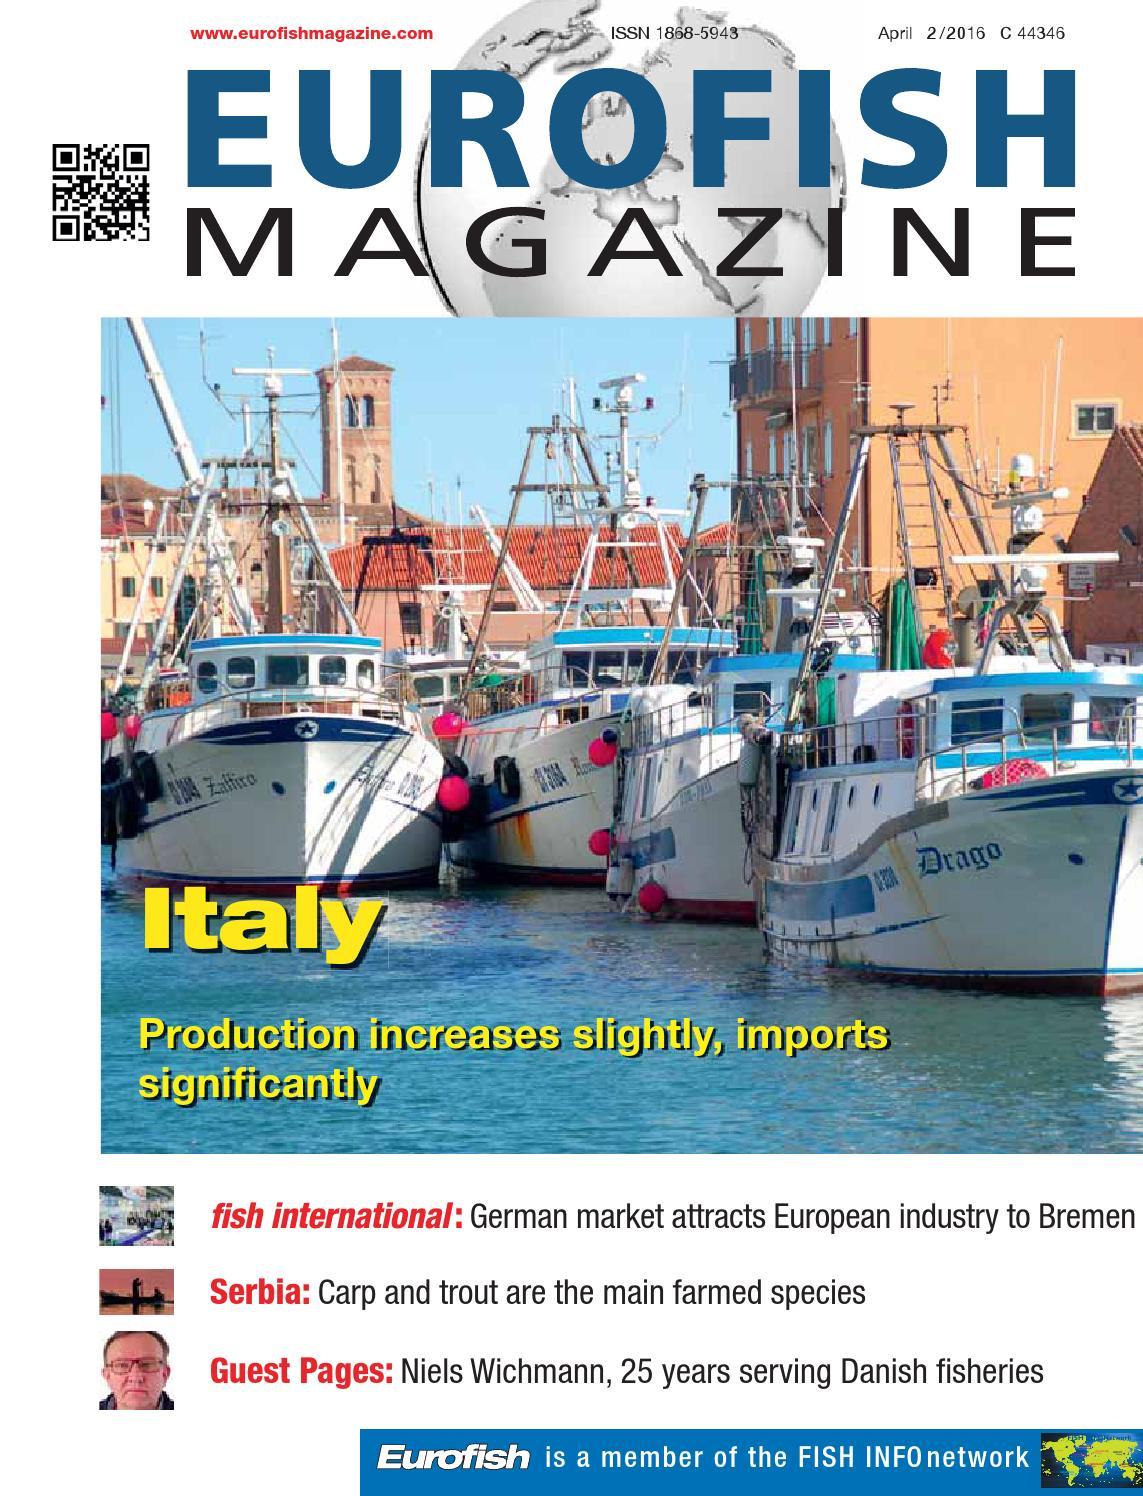 Eurofish Magazine 2 2016 by Eurofish - issuu